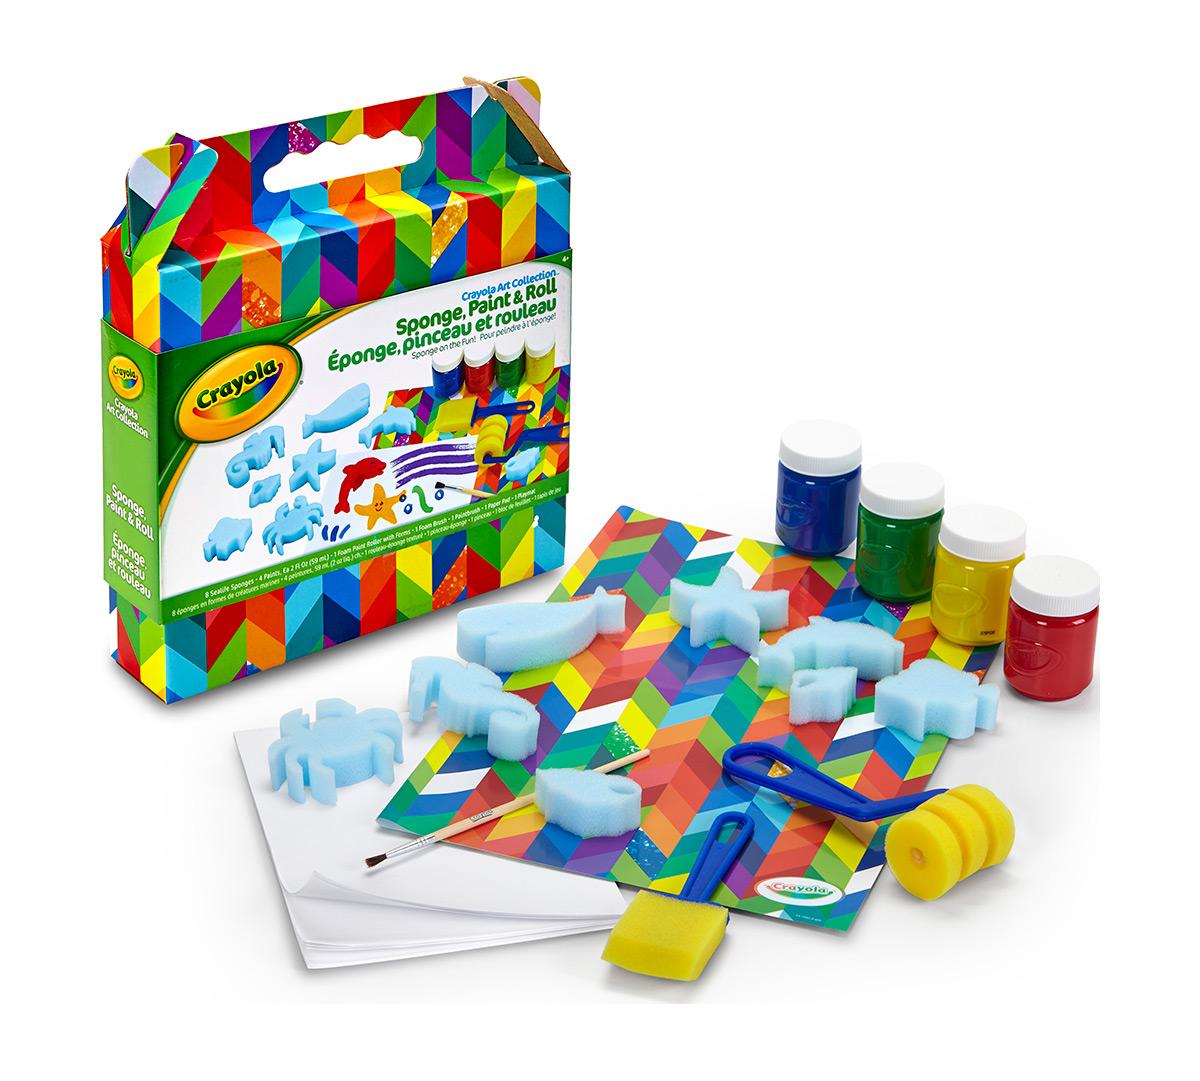 Sponge, Paint & Roll